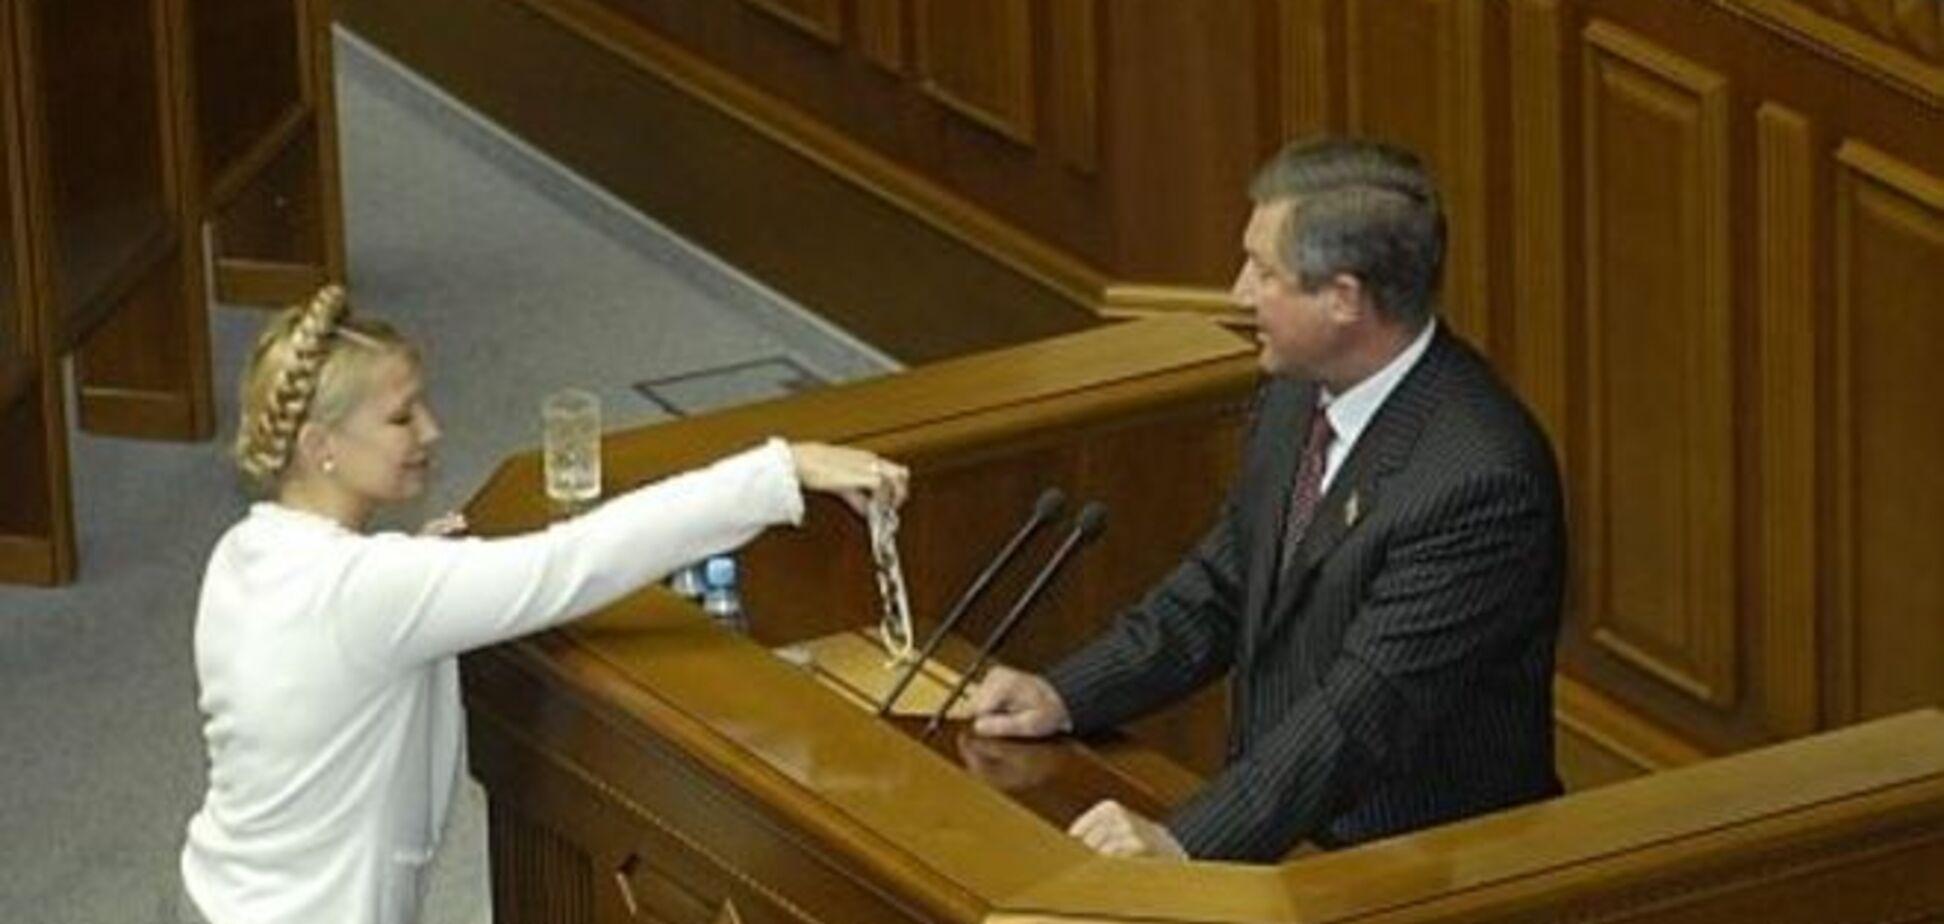 ТОП найскандальніших аксесуарів в українській політиці: від намиста Тимошенко до сумки Продан